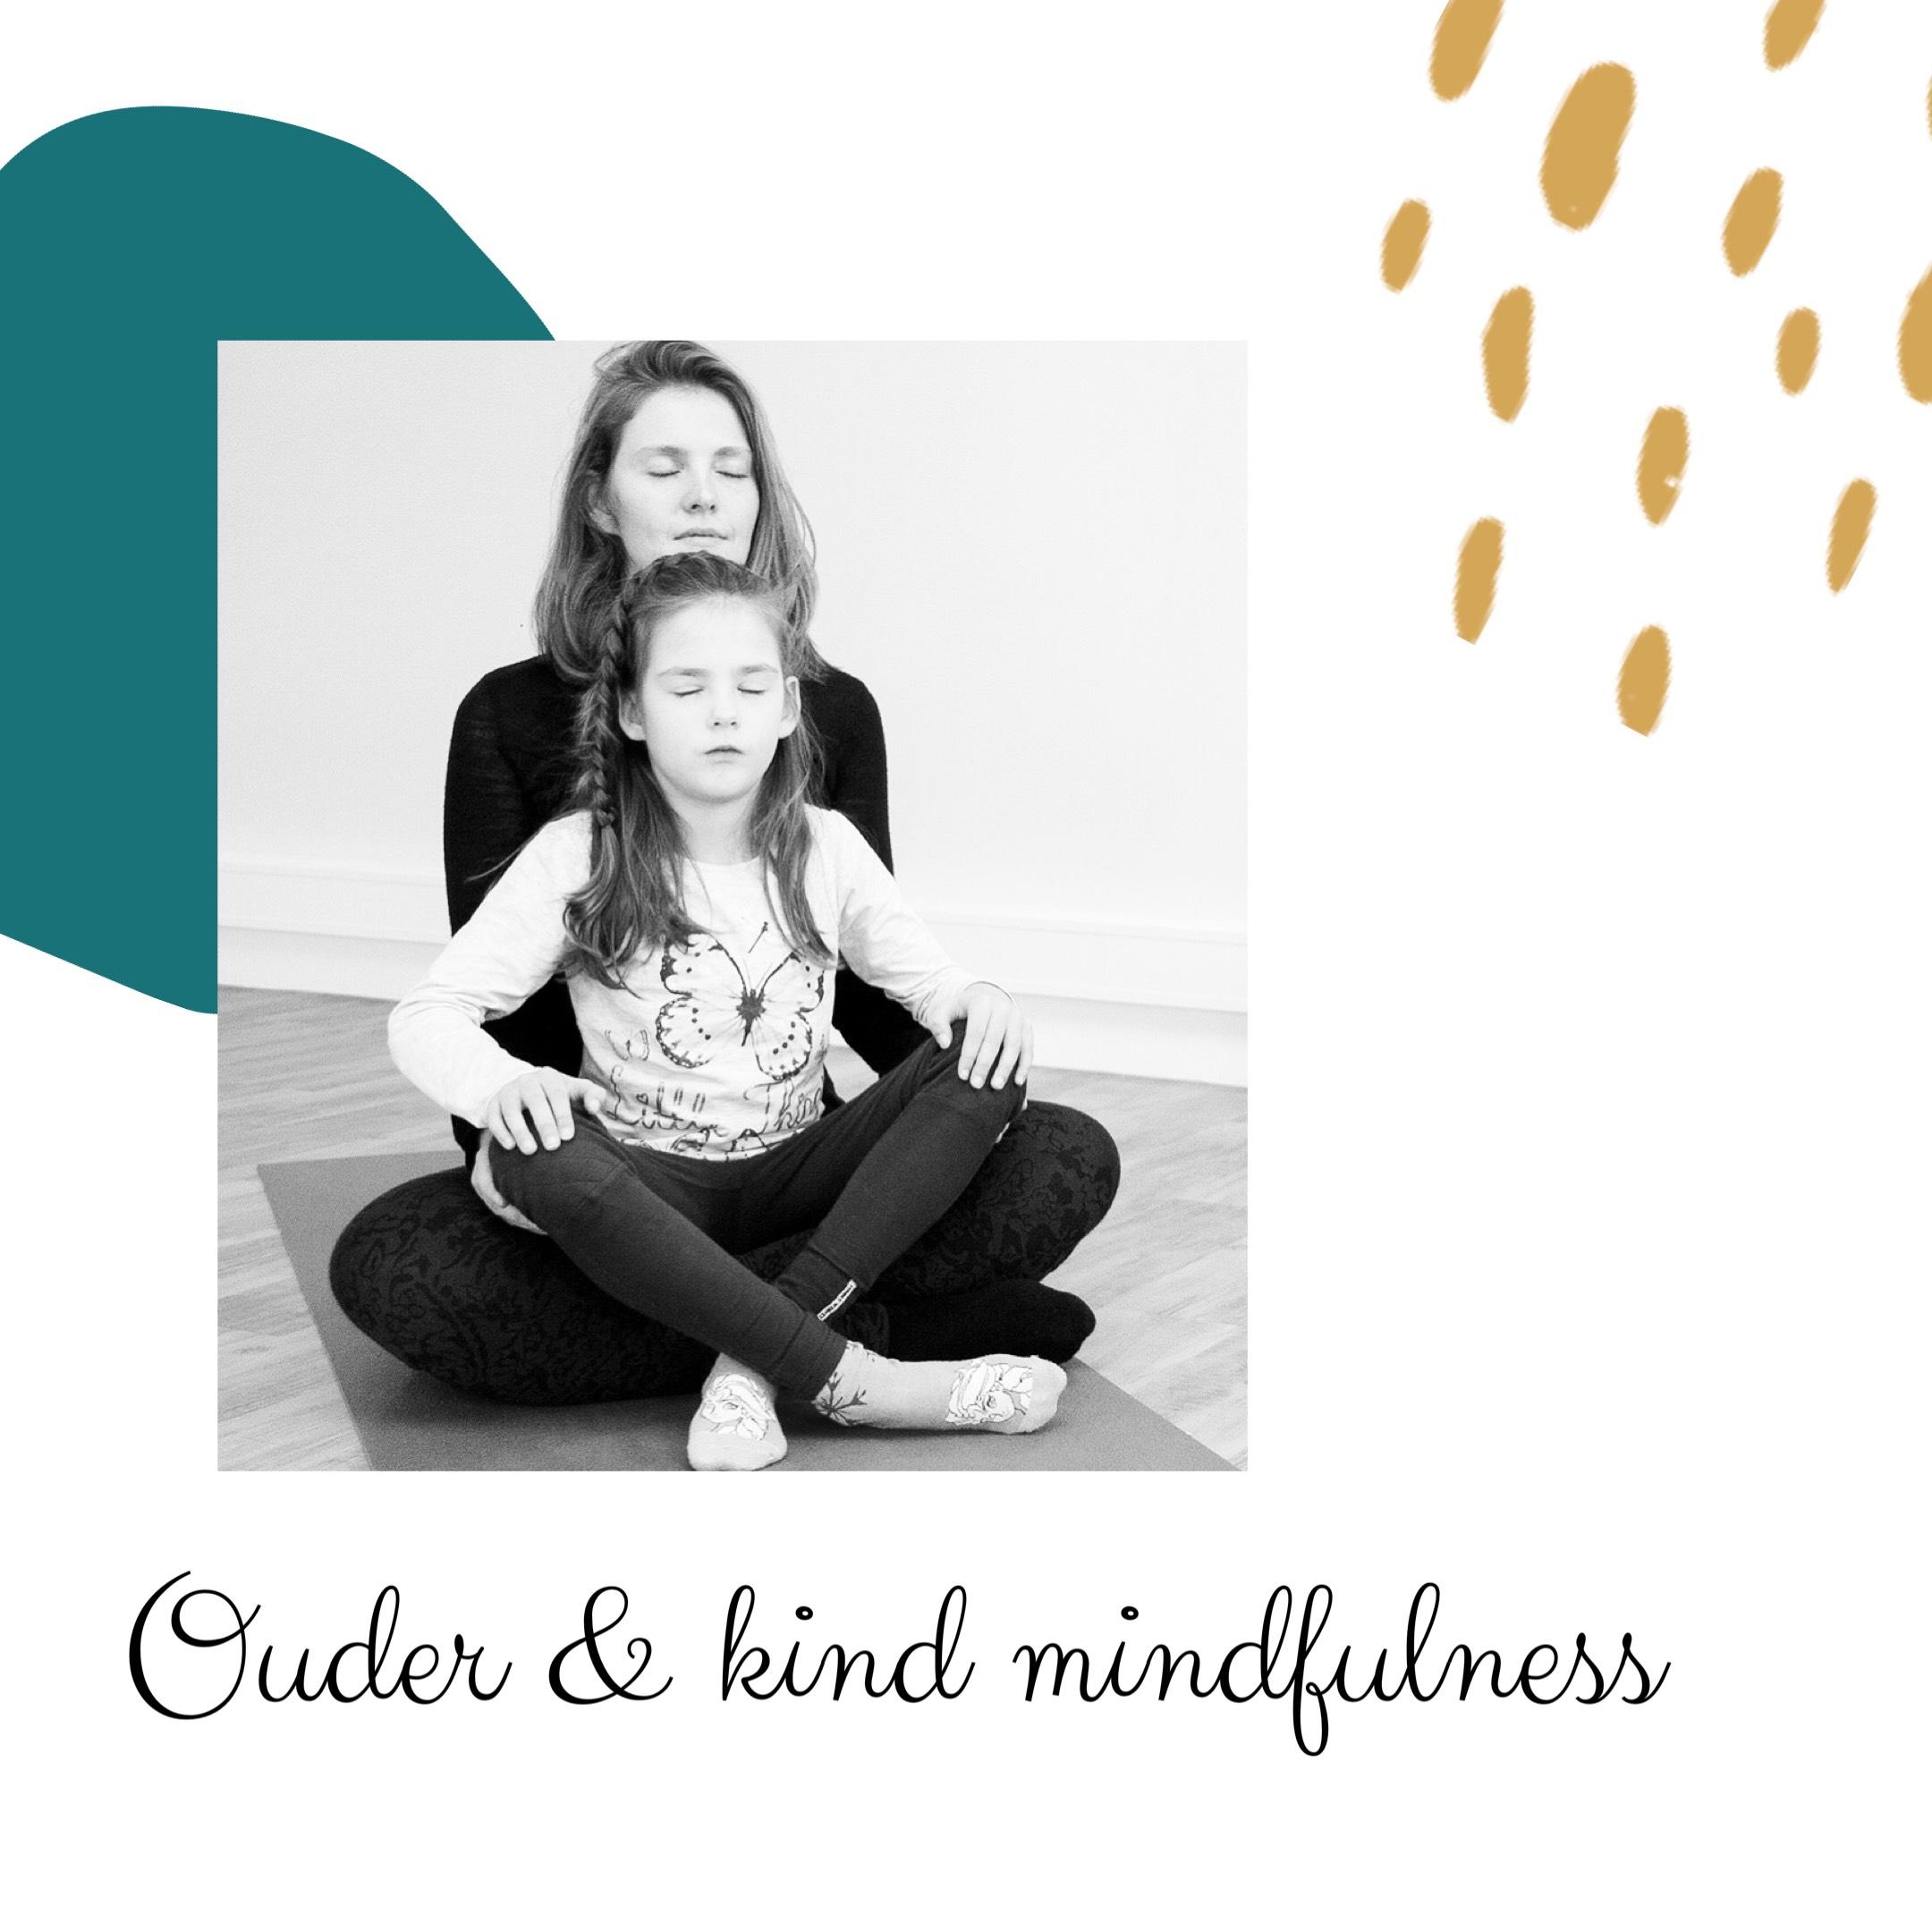 ouder en kind mindfulness, kindermeditatie